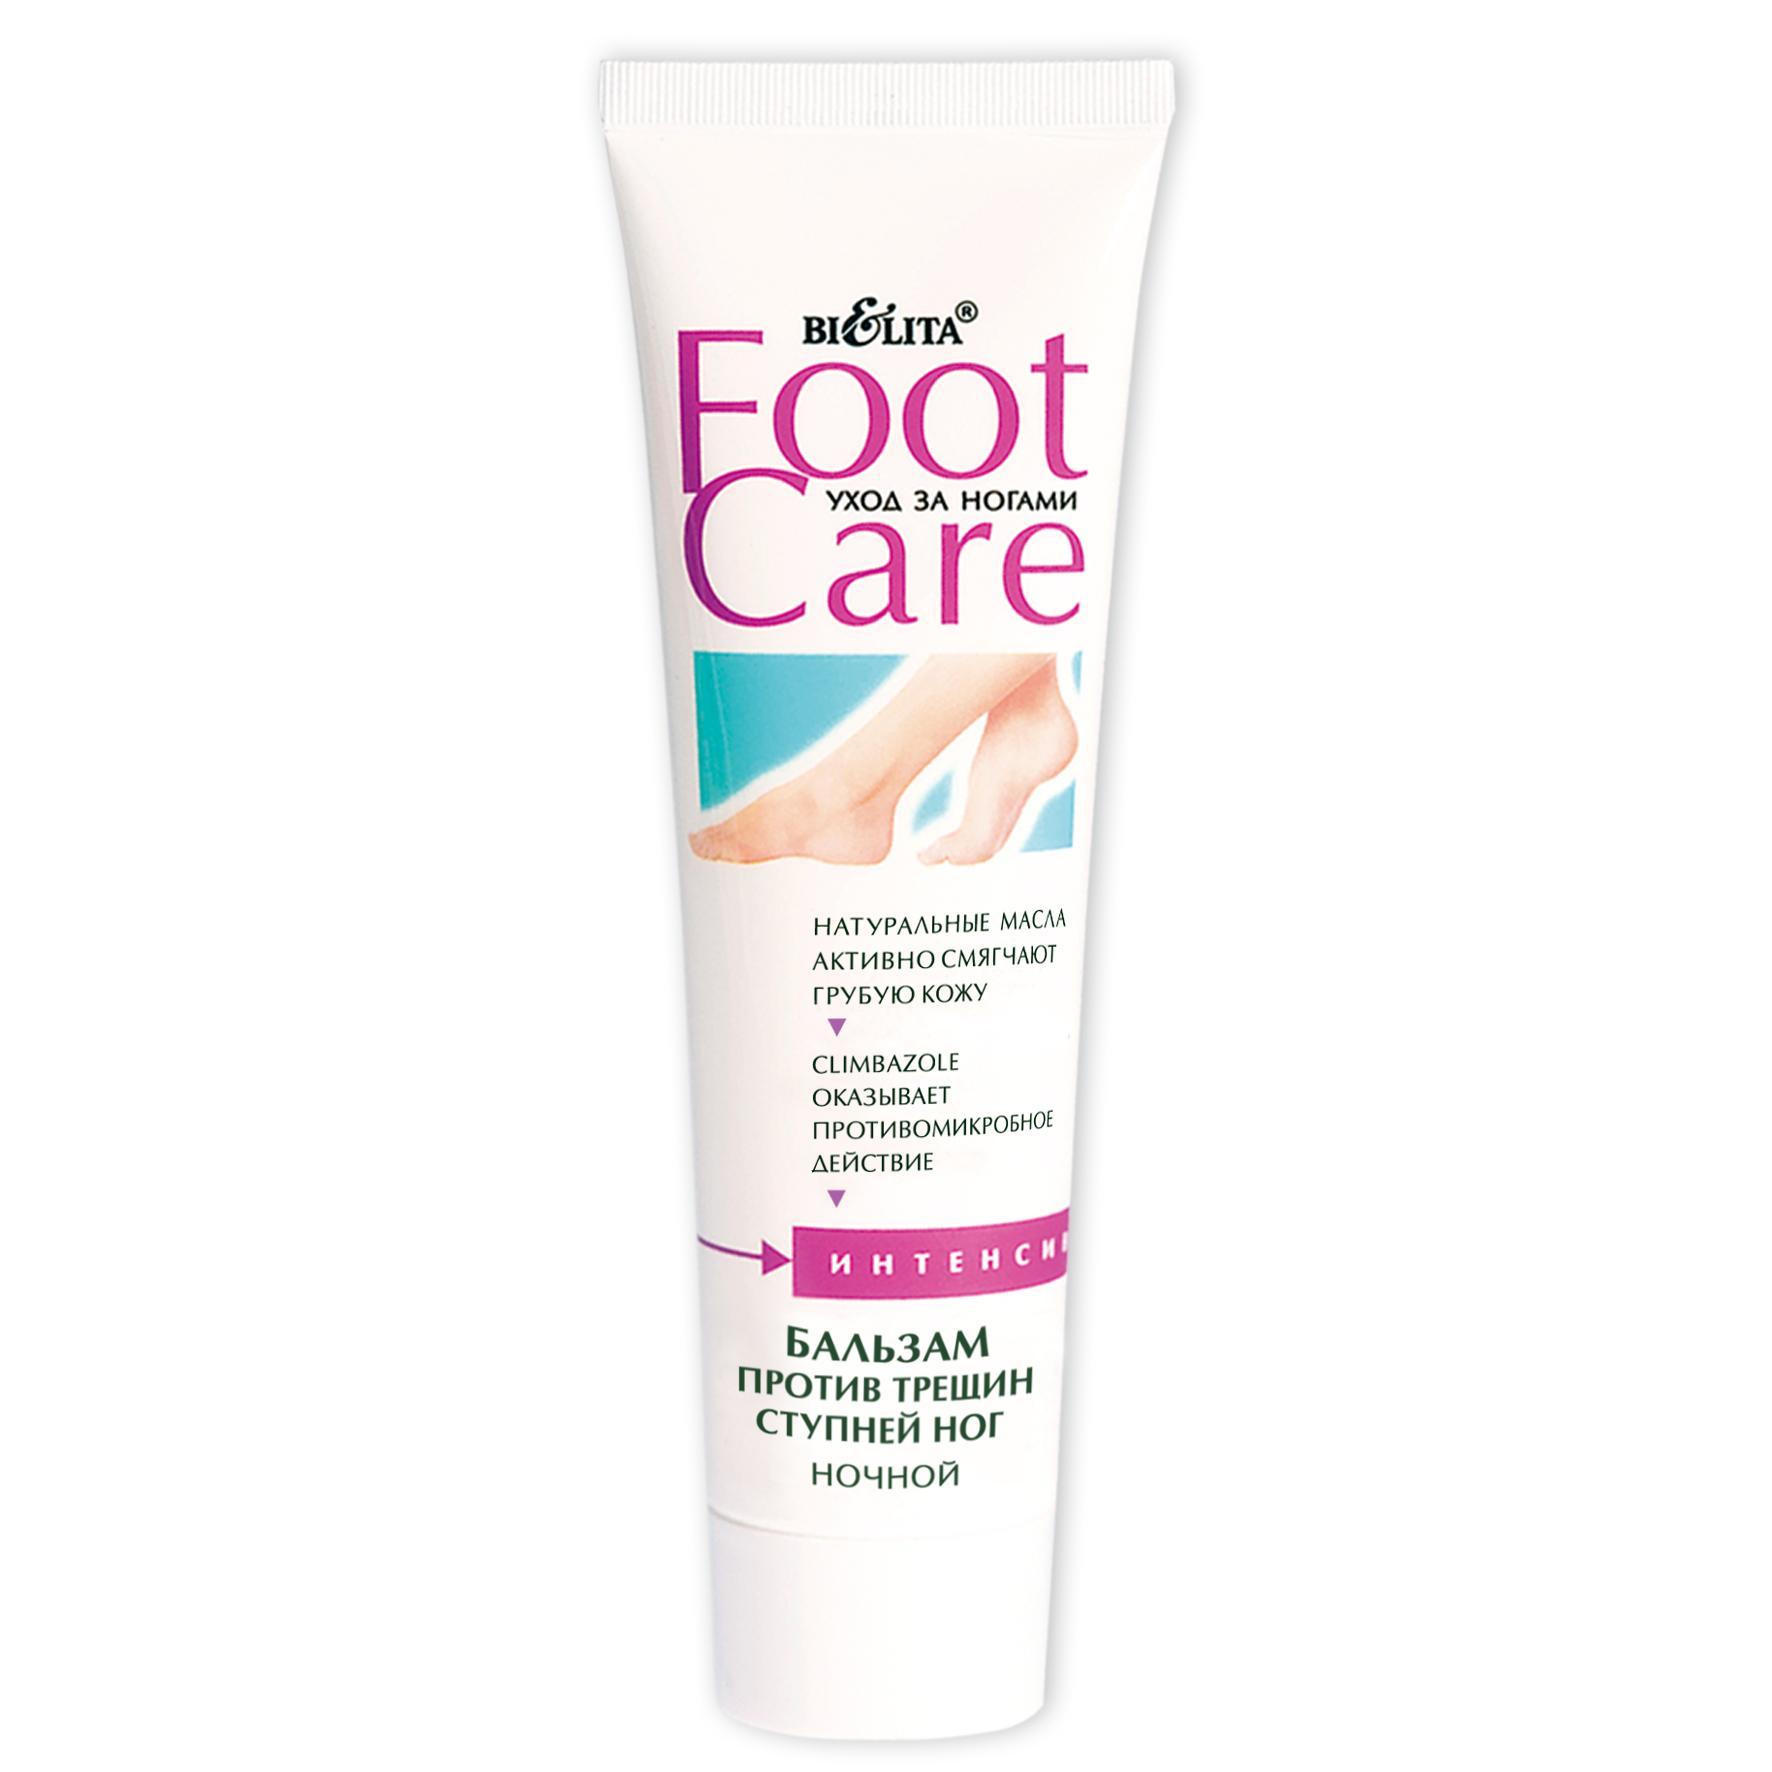 Бальзам для ног Bielita Foot Care Против трещин ступней